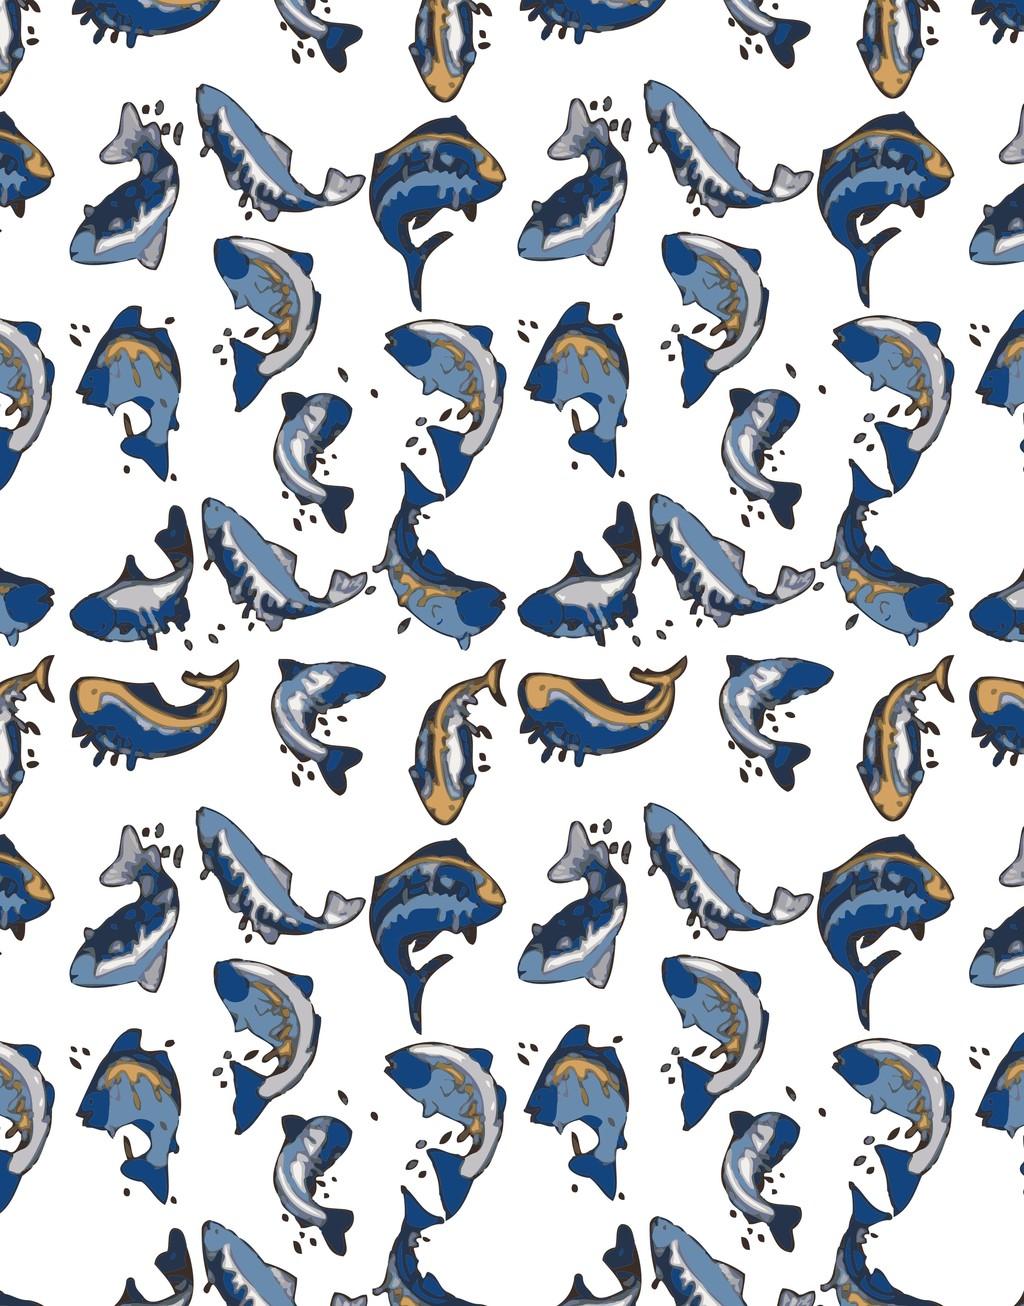 创意图片 我图网,卖设计稿赚钱.www.ooopic.com 第4页